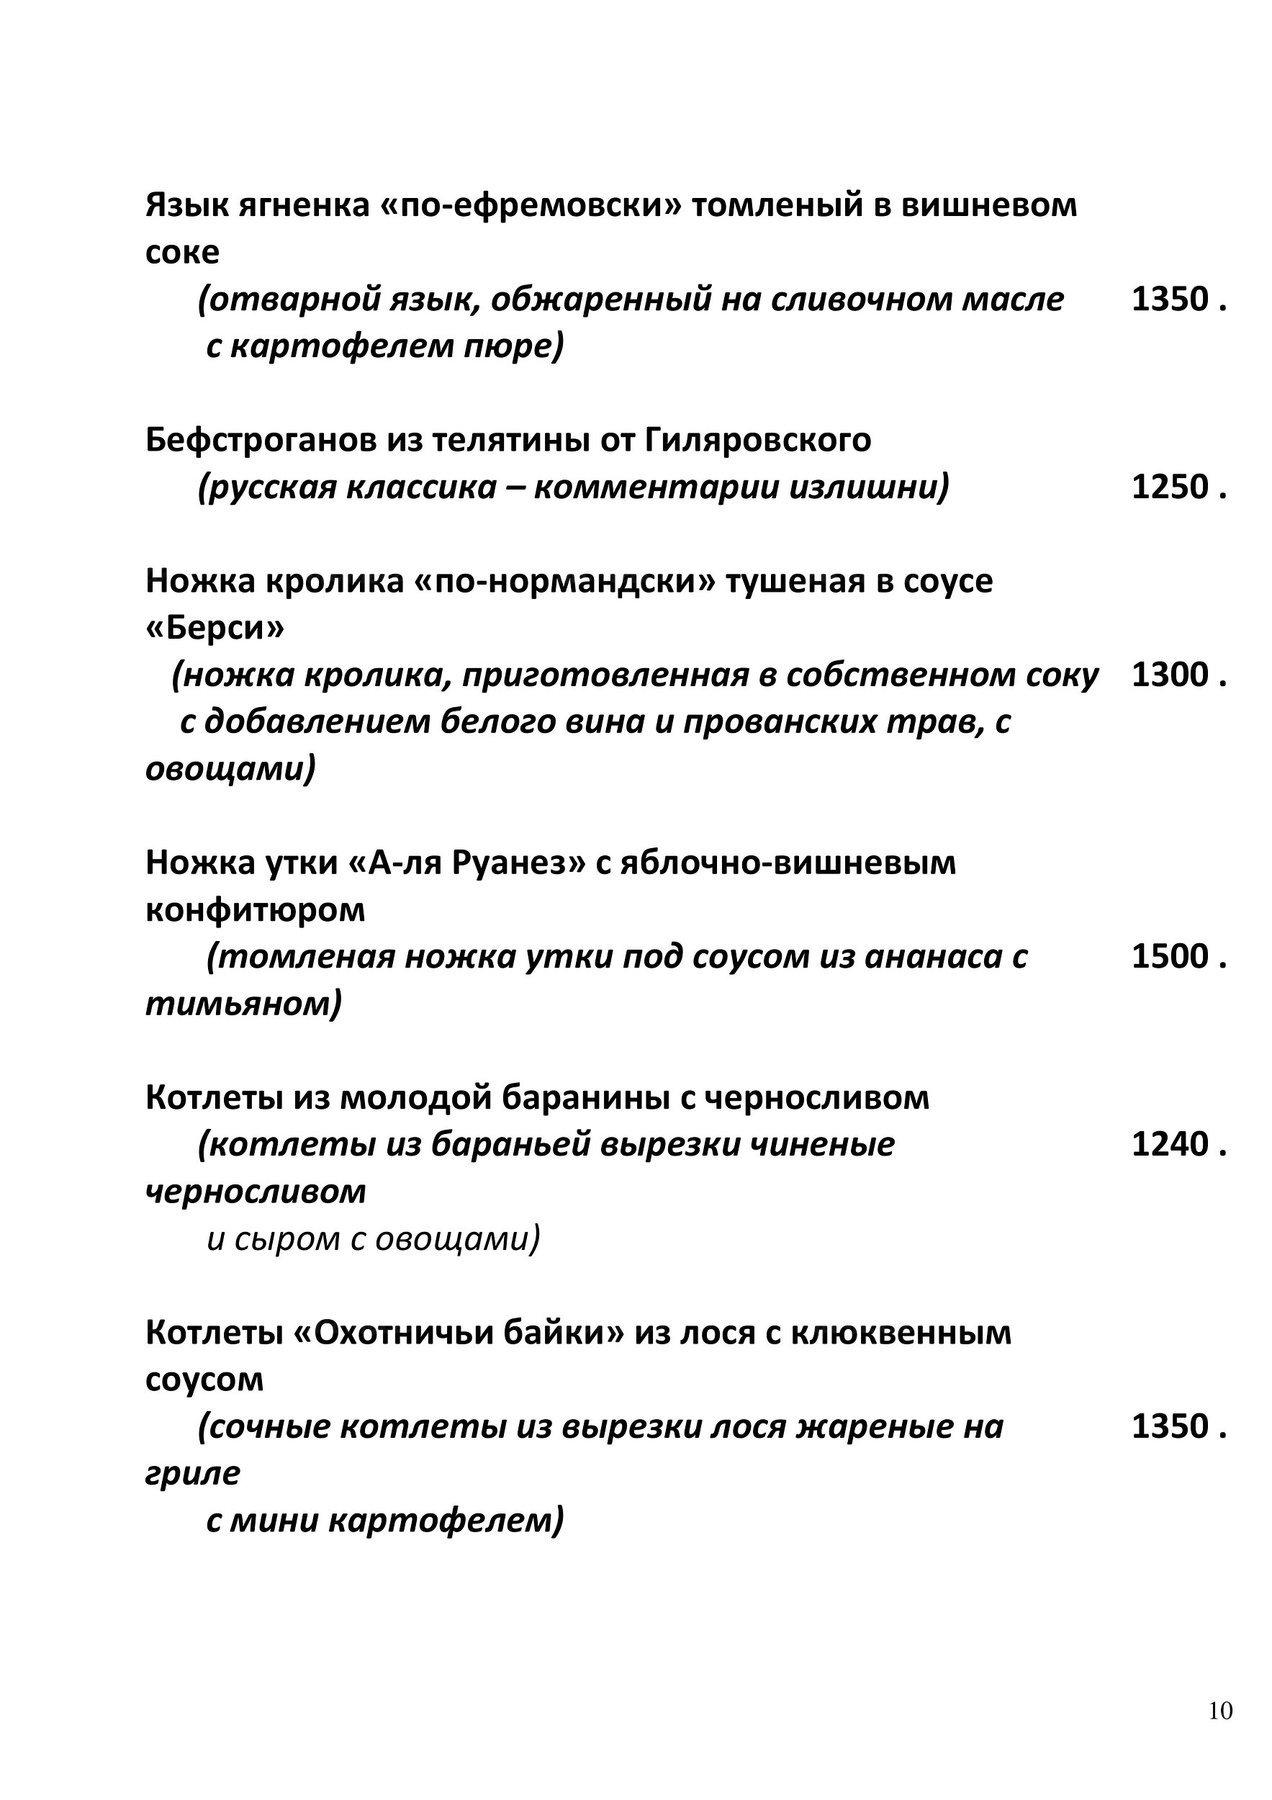 Меню ресторана Семь Пятниц на Воронцовской улице фото 10